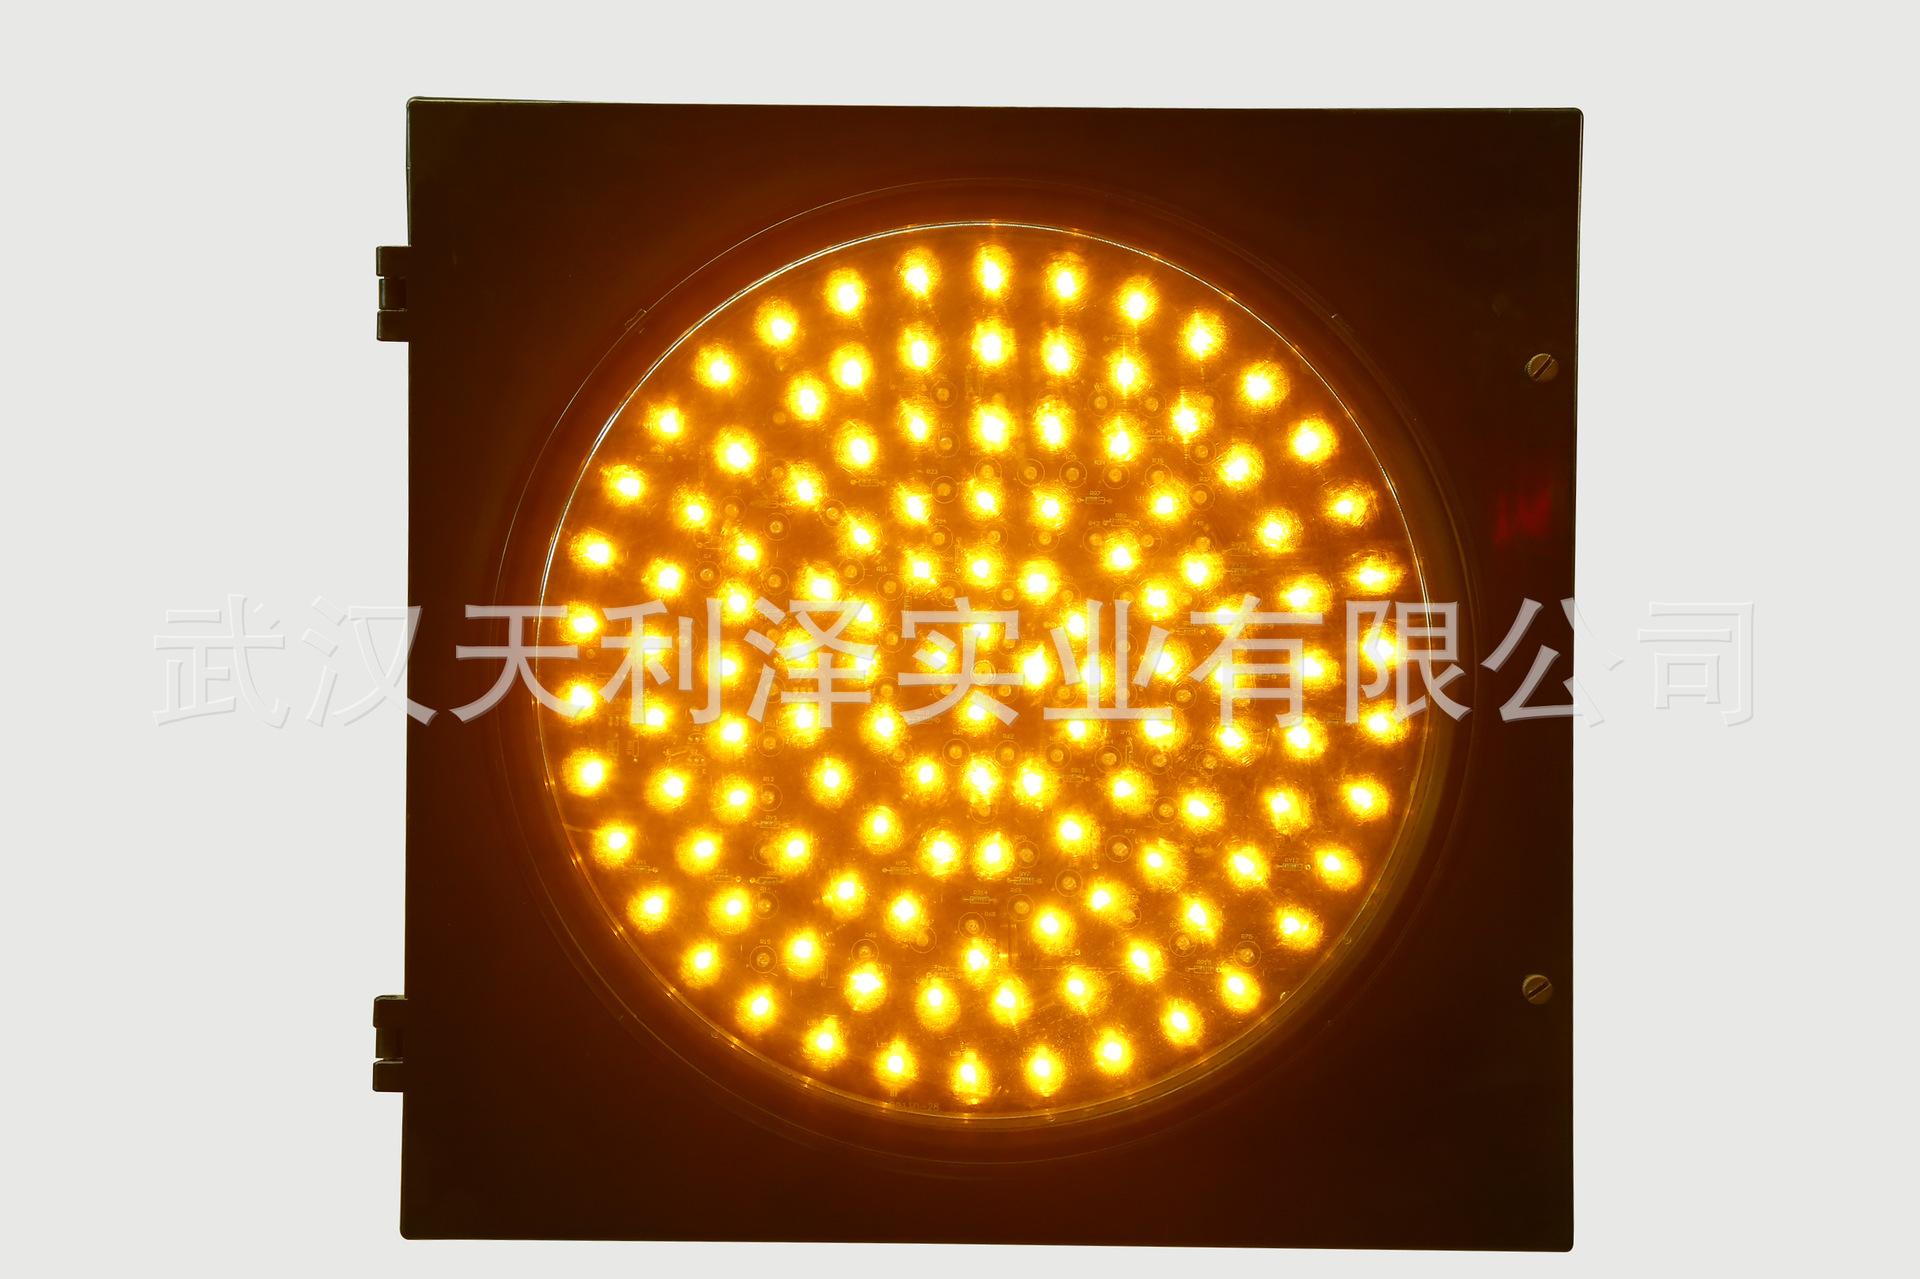 Đèn giao thông năng lượng Mặt trời màu vàng SG400-B